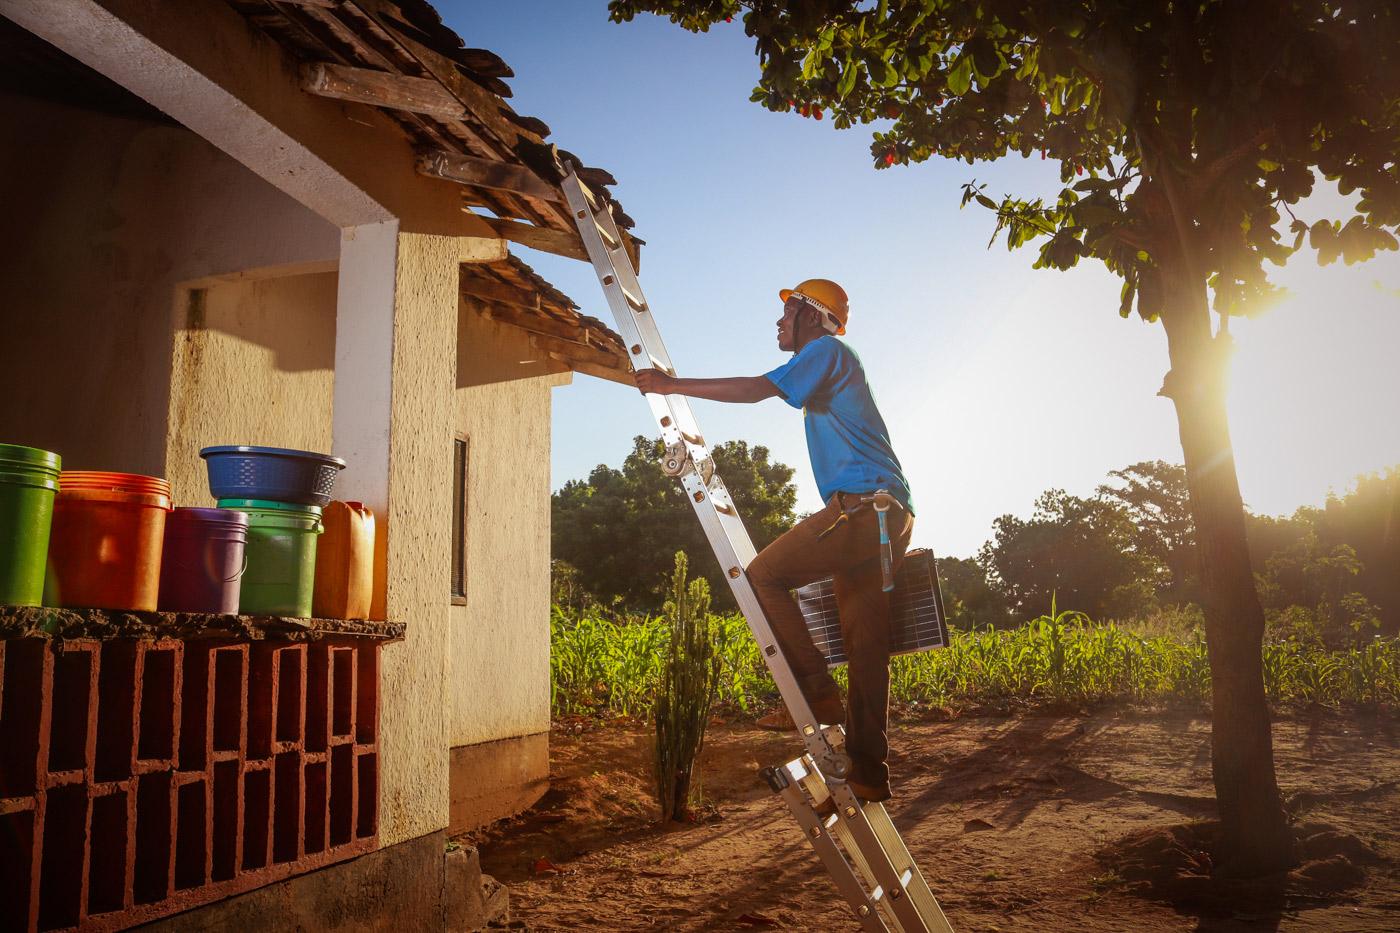 Micro Solar Service Provider Zola Enters Nigerian Market